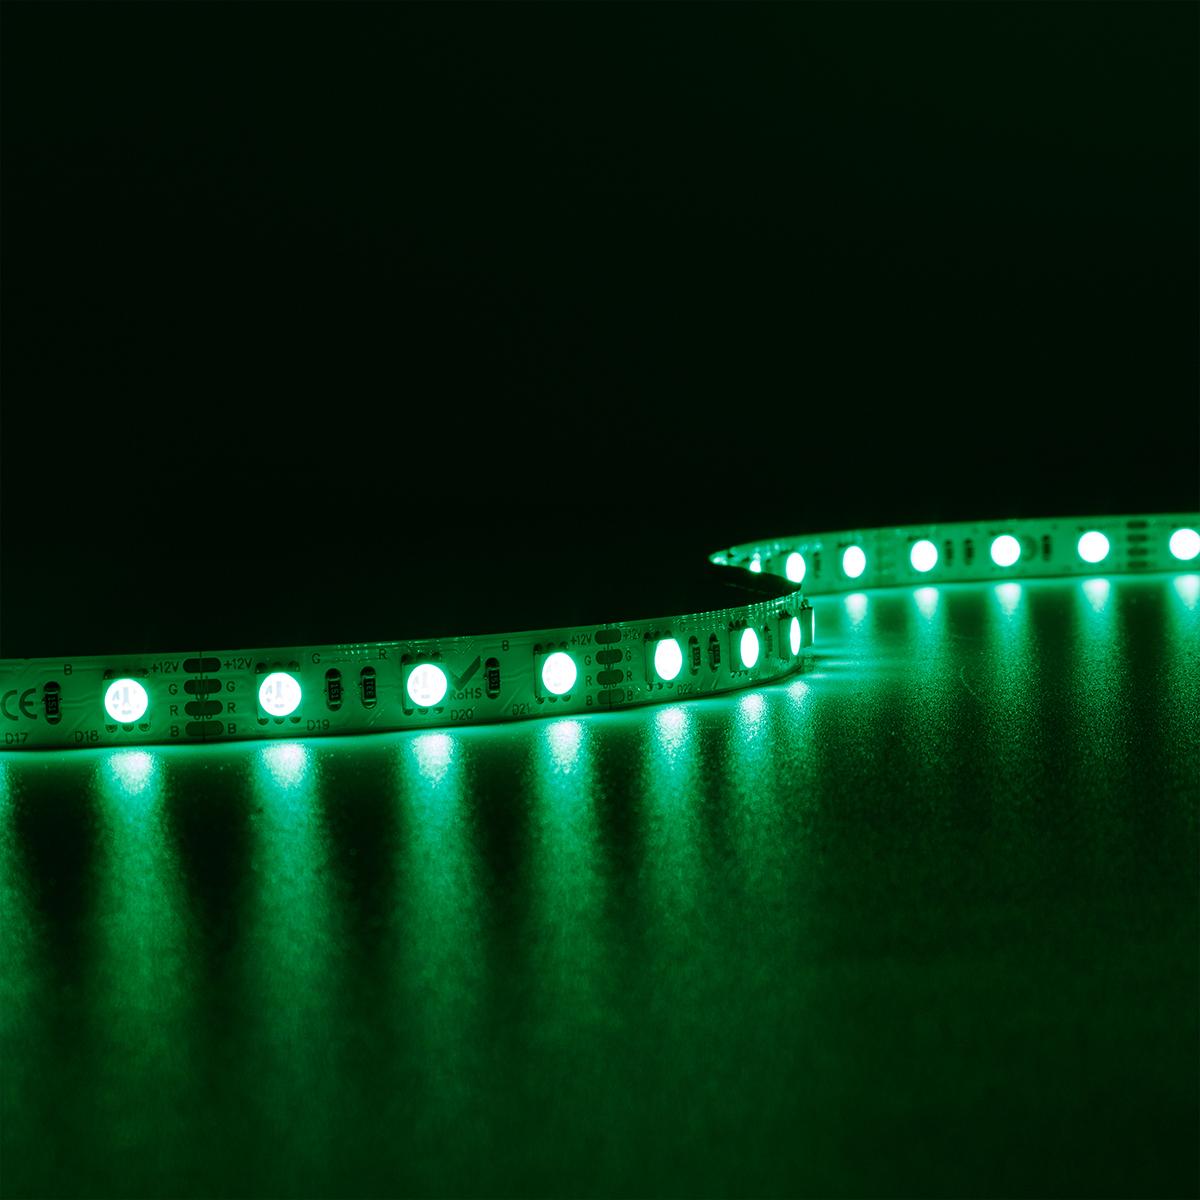 Strip RGB 12V LED Streifen 5M 14,4W/m 60LED/m 10mm IP20 Farbwechsel